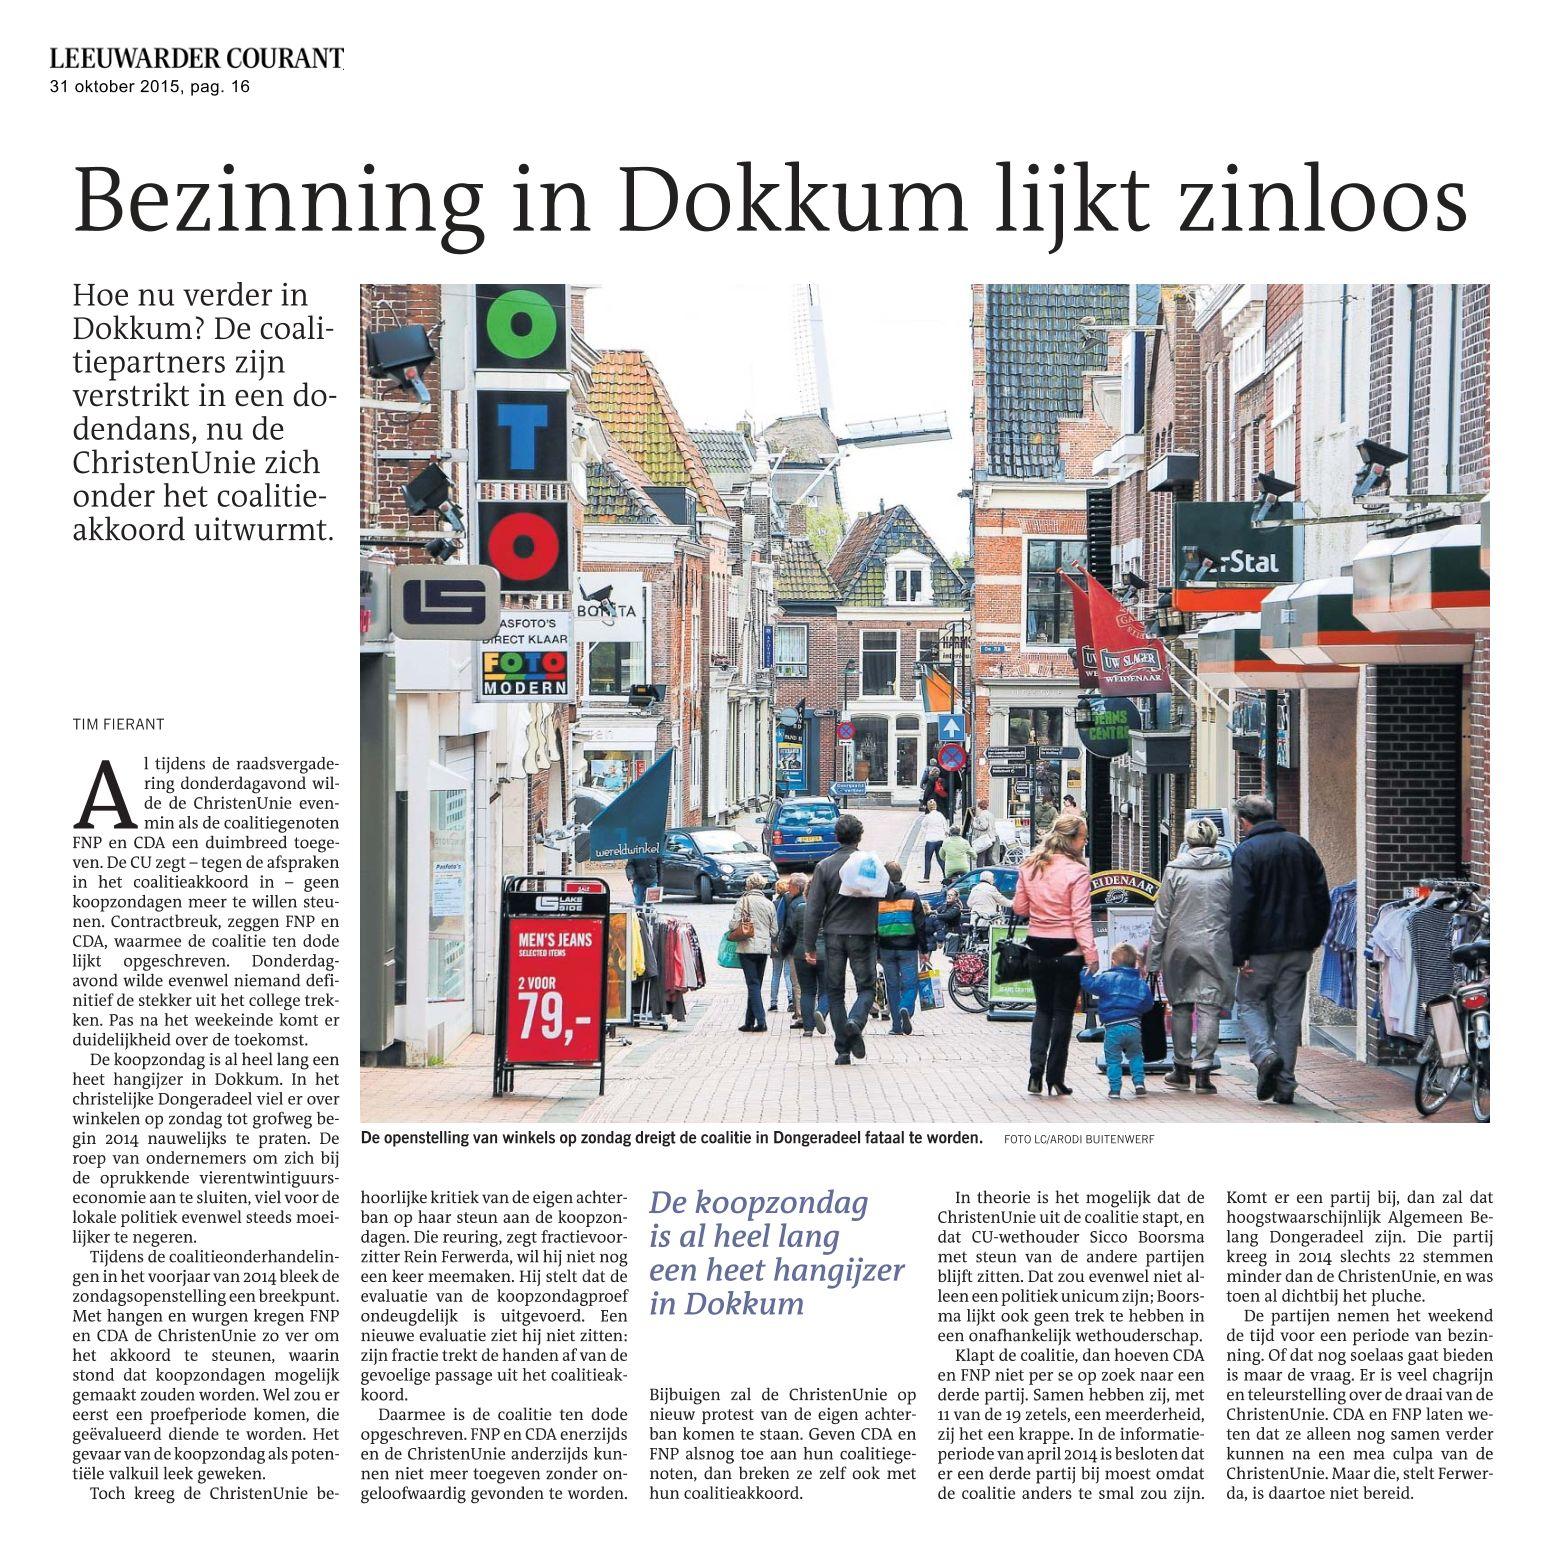 Bezinning in Dokkum lijkt zinloos LC-20151031